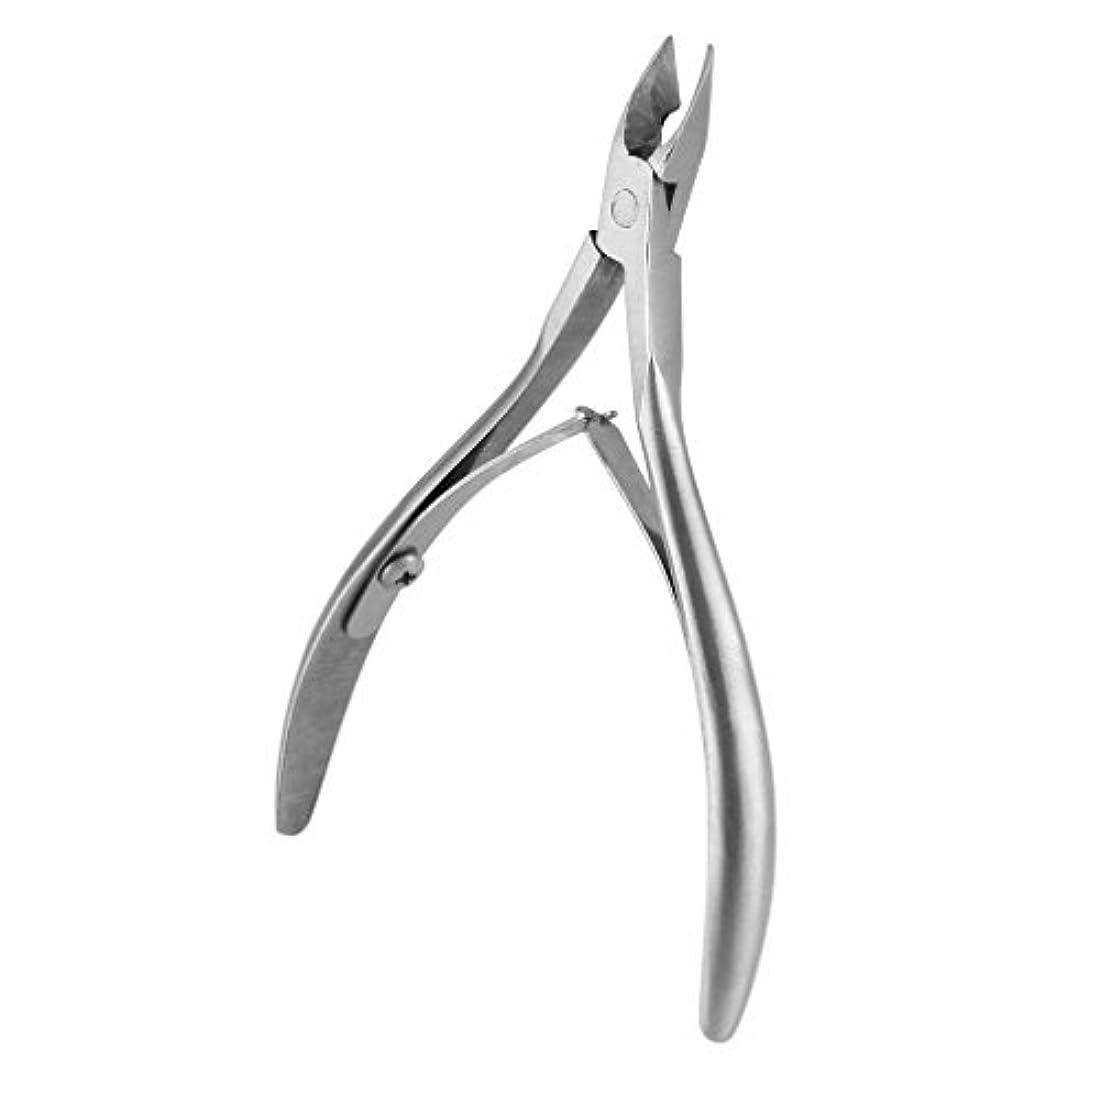 旋律的ダイヤル固体爪切り ニッパー キューティクルニッパー 甘皮切り ステンレス製 ダブルスプリング (シルバー)